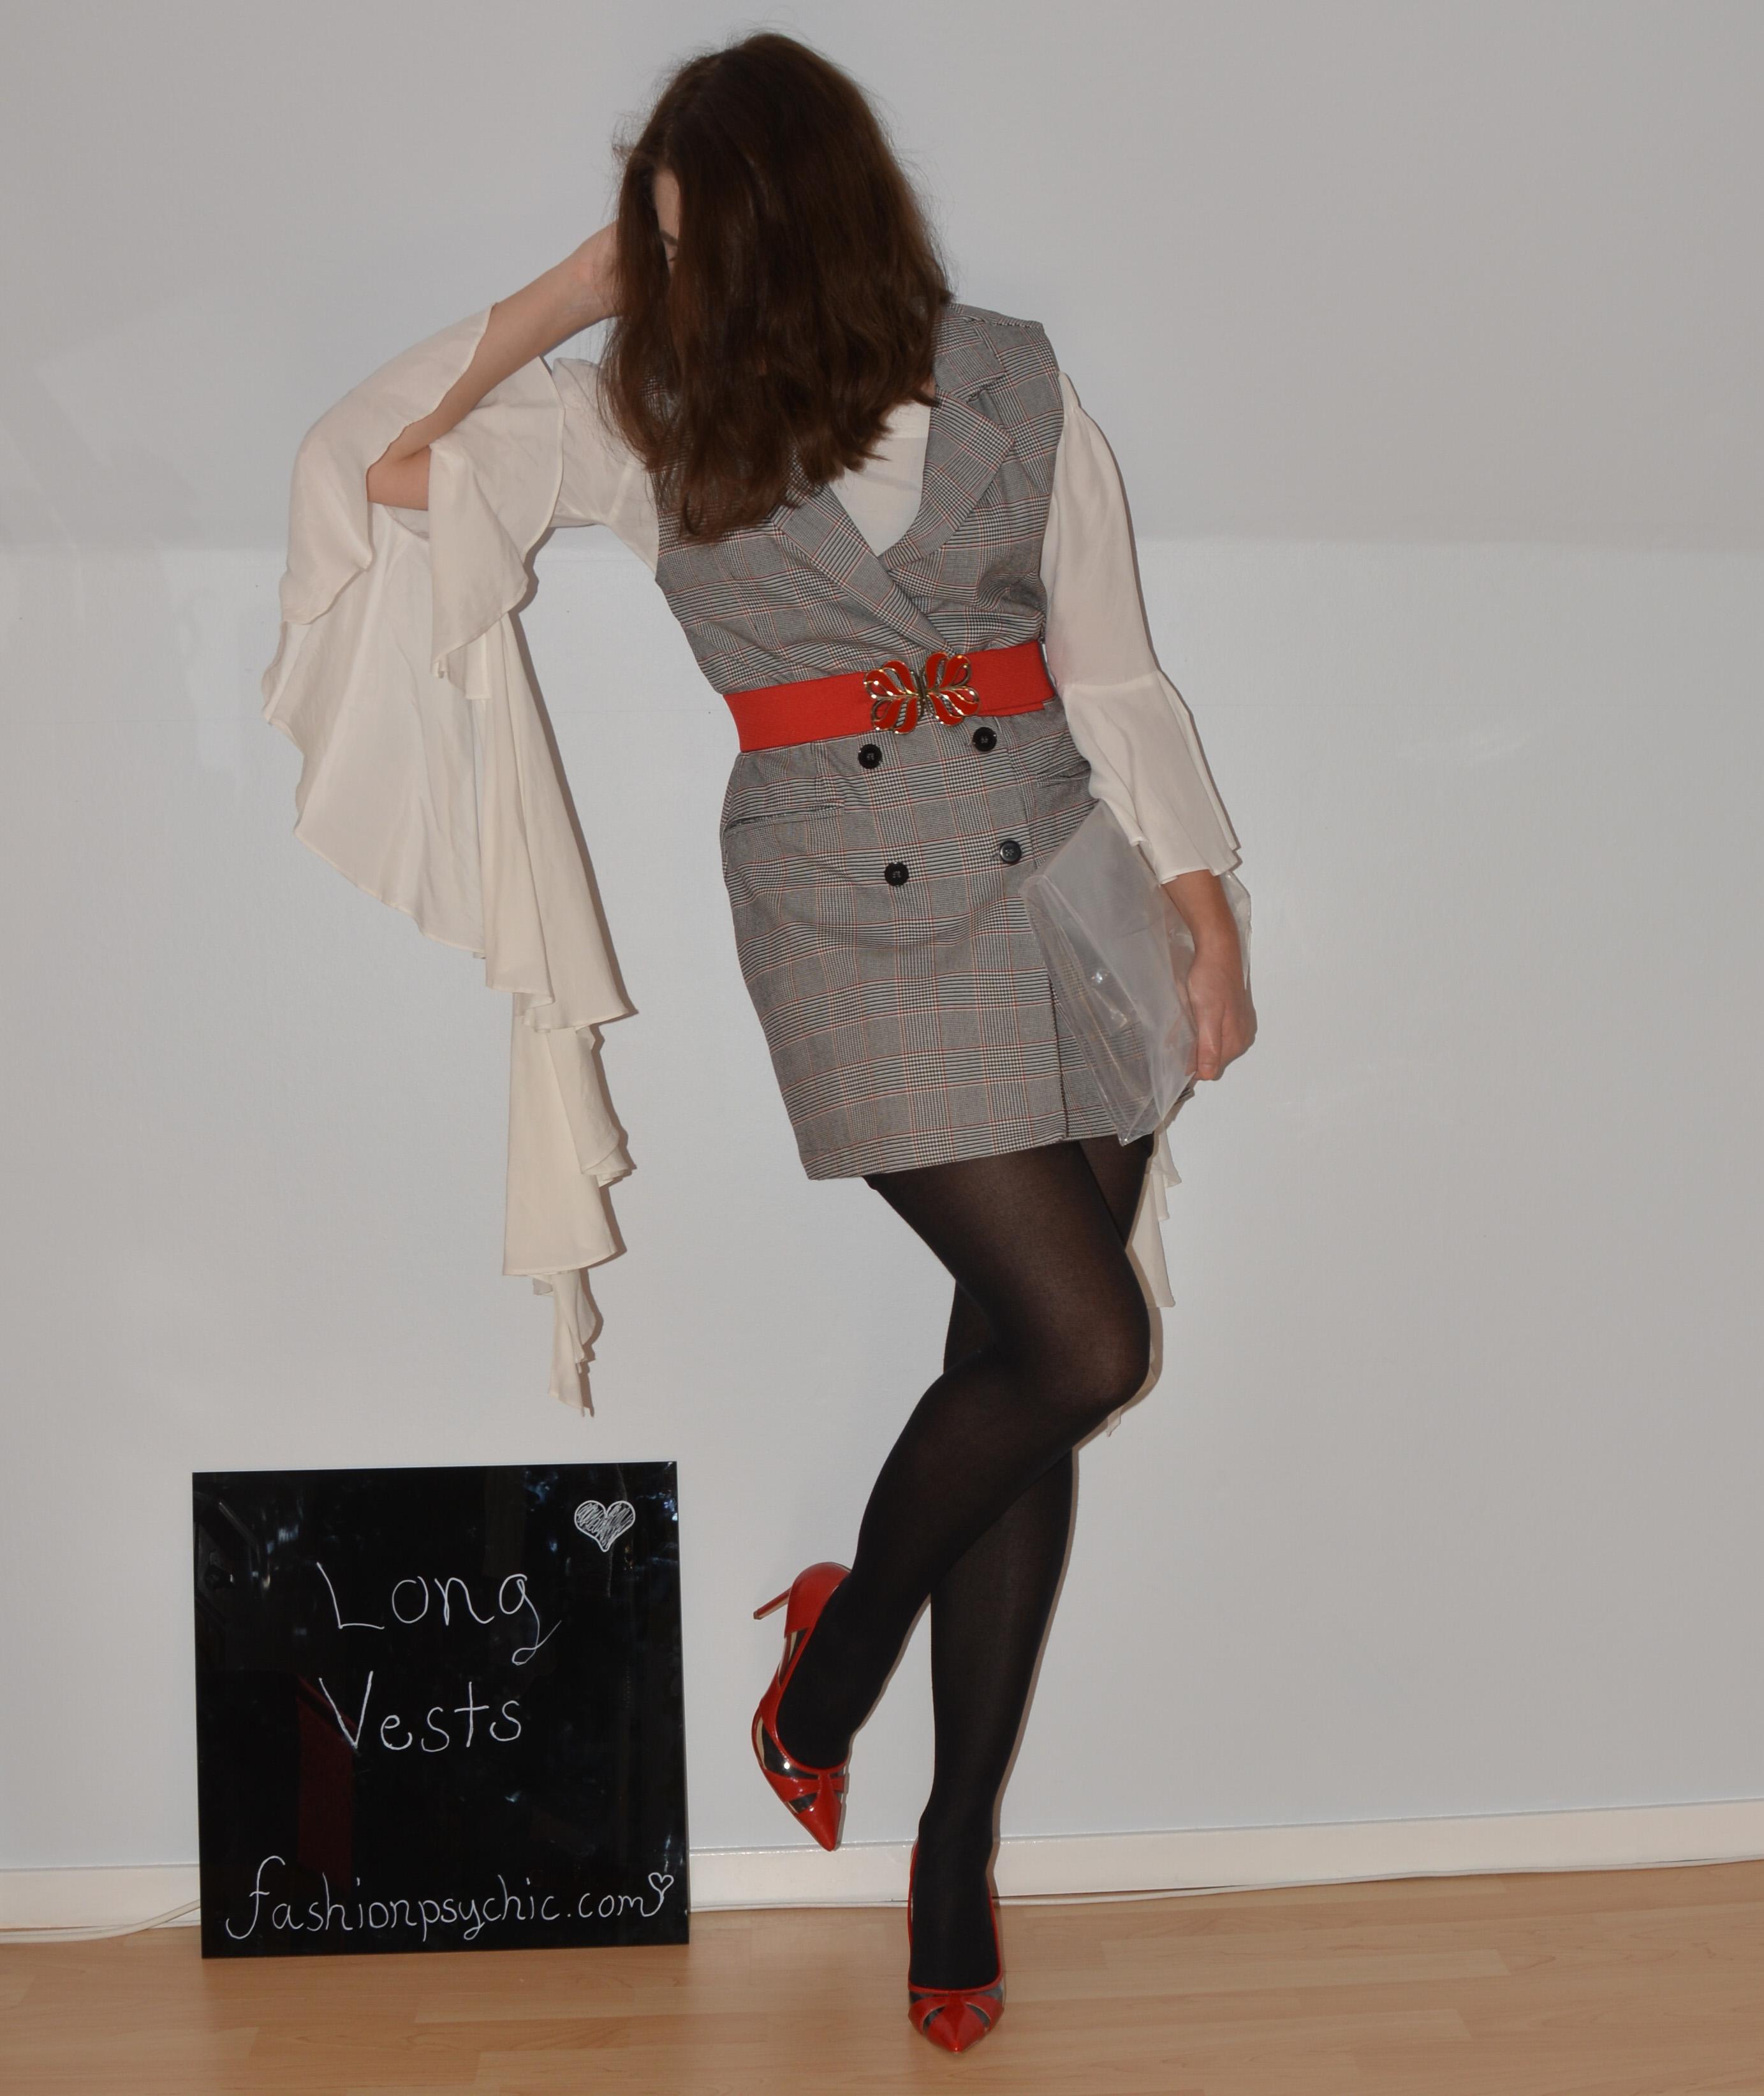 long vests